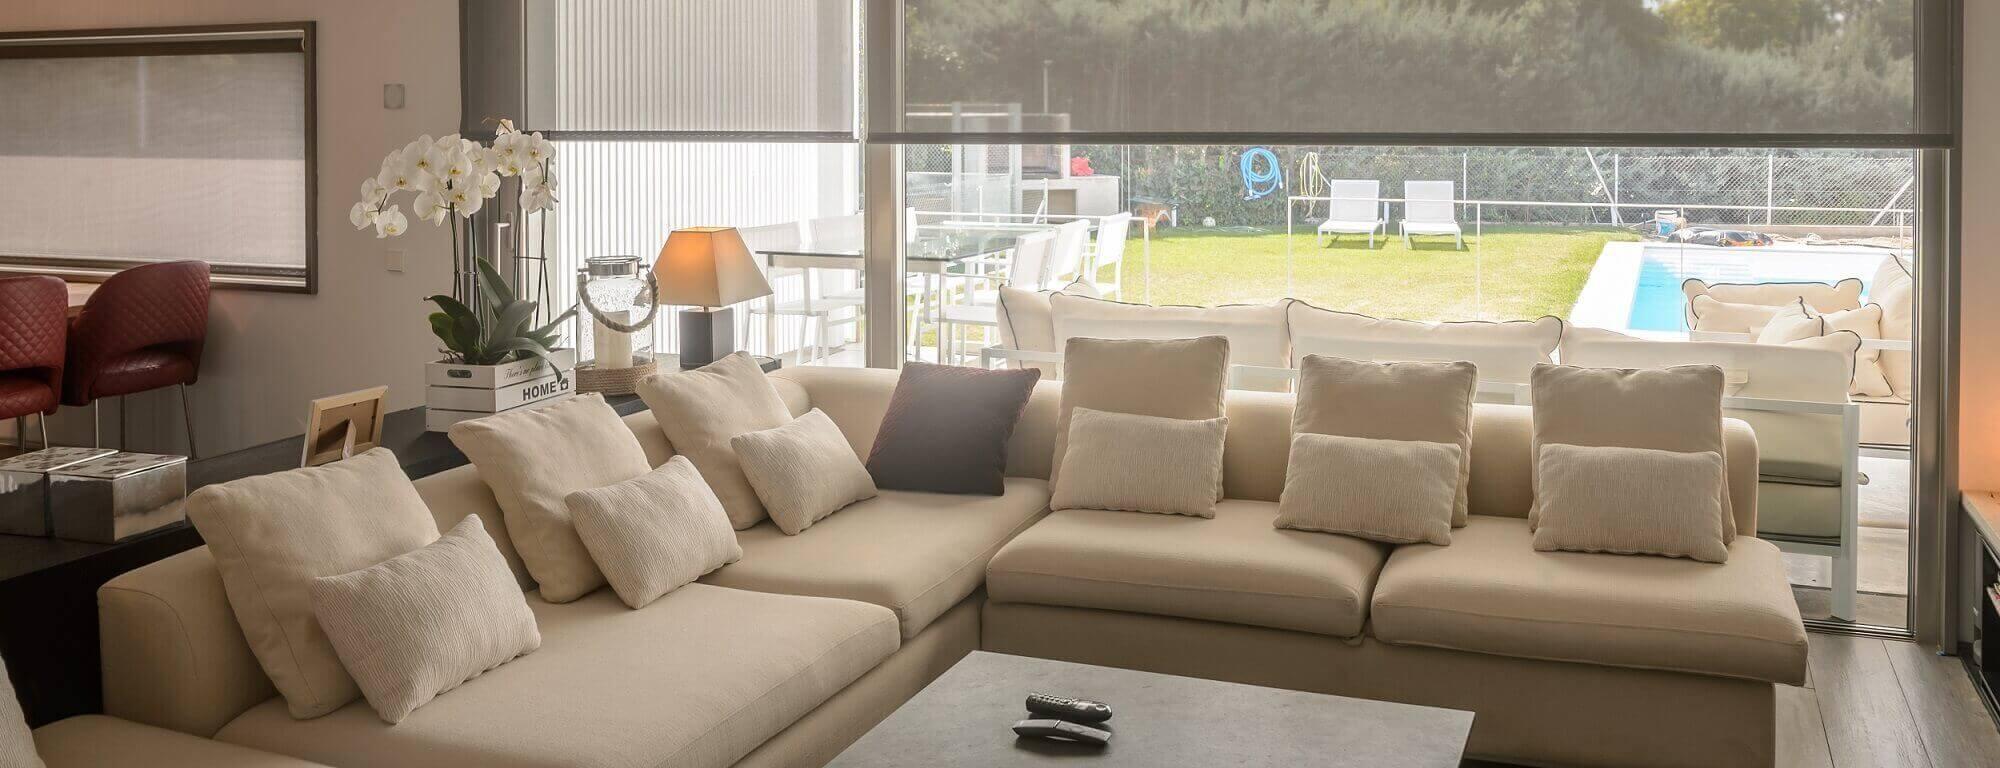 Velký gauč a výhled na zahradu